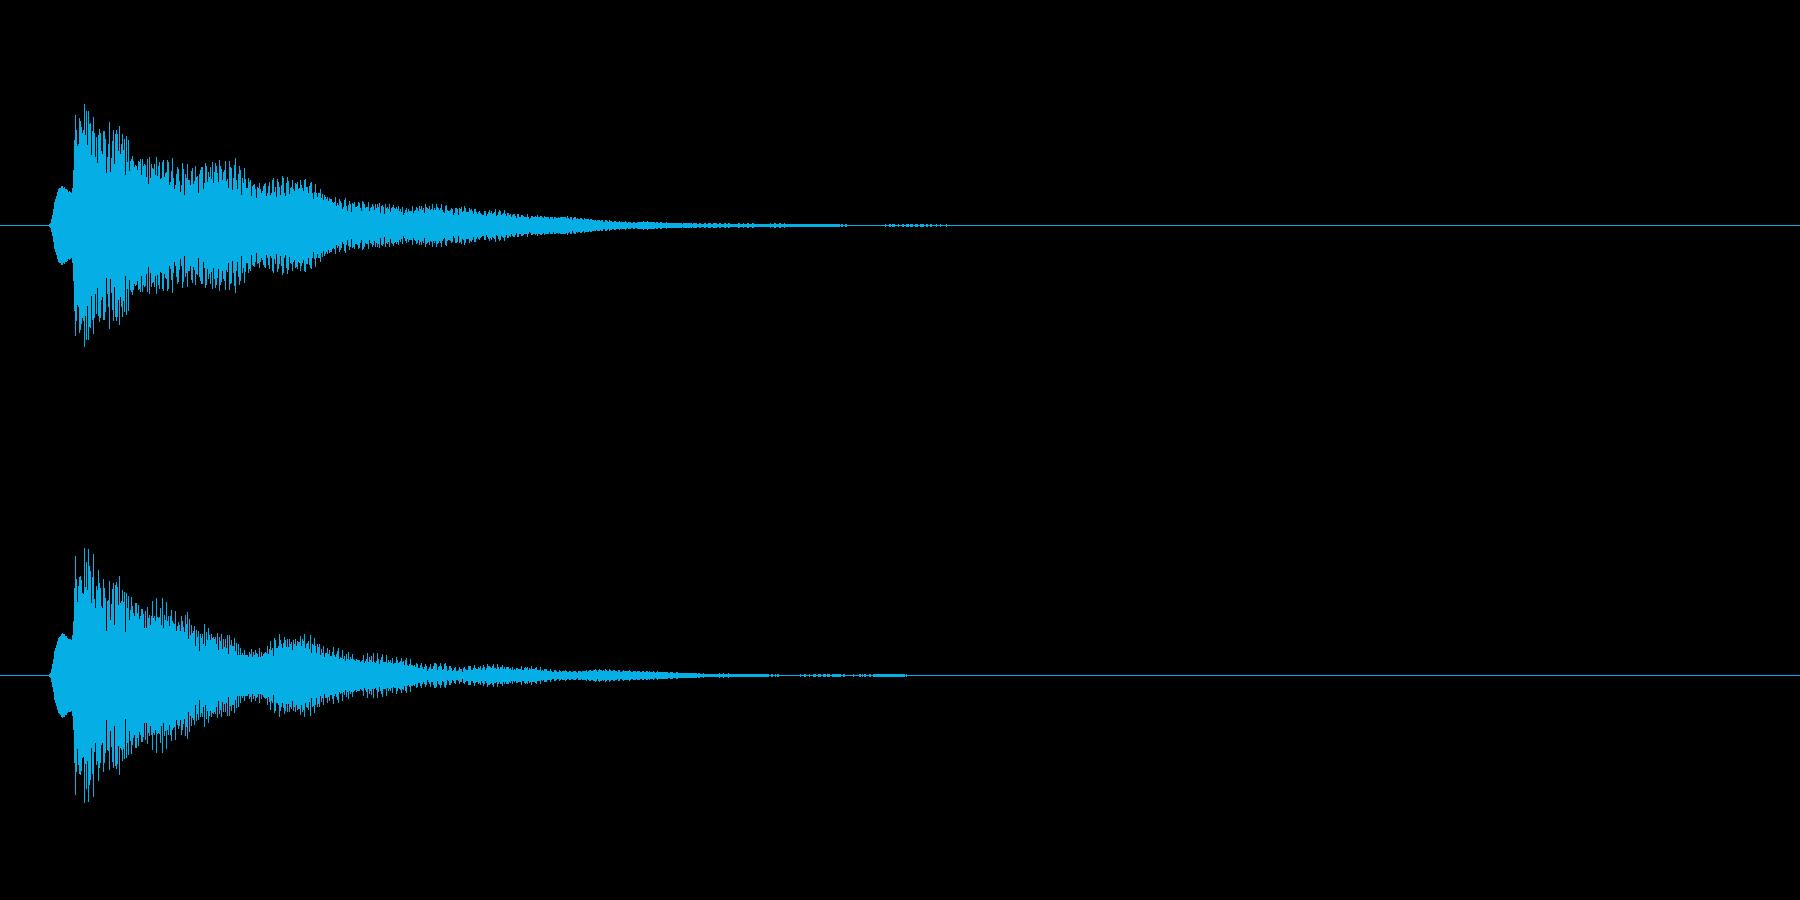 アプリ・ゲームの決定音_016の再生済みの波形